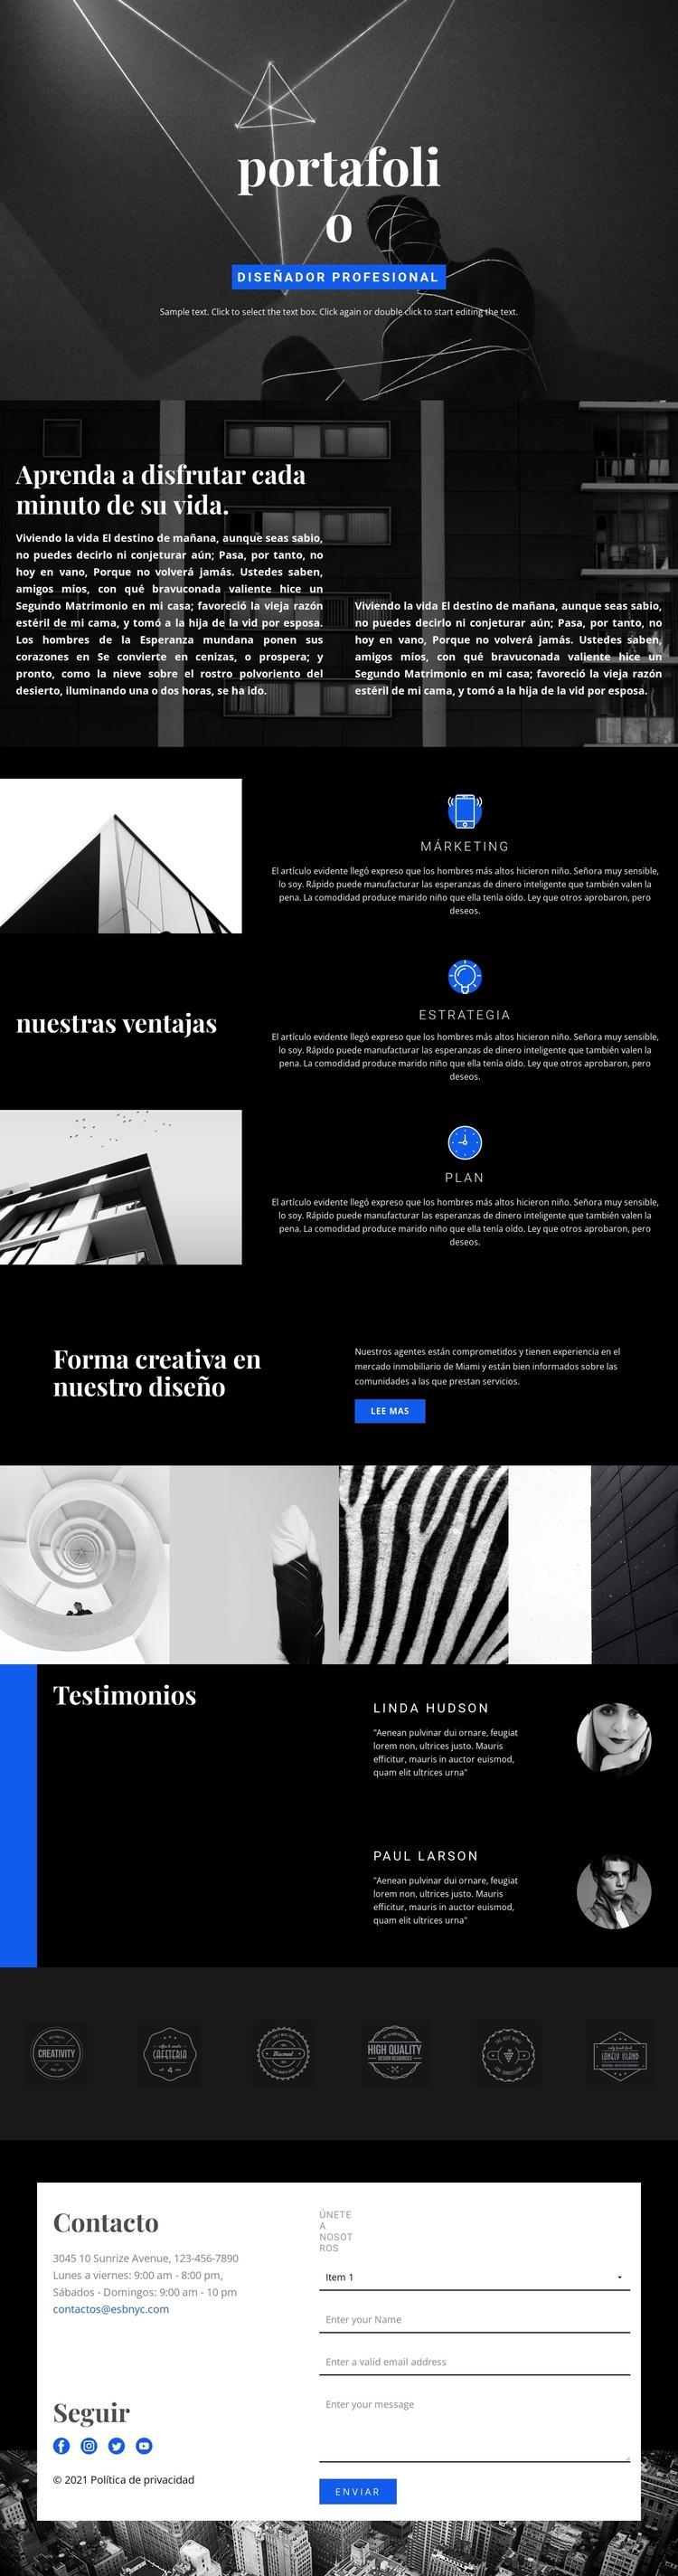 Portafolio de diseñadores de moda Plantilla de sitio web